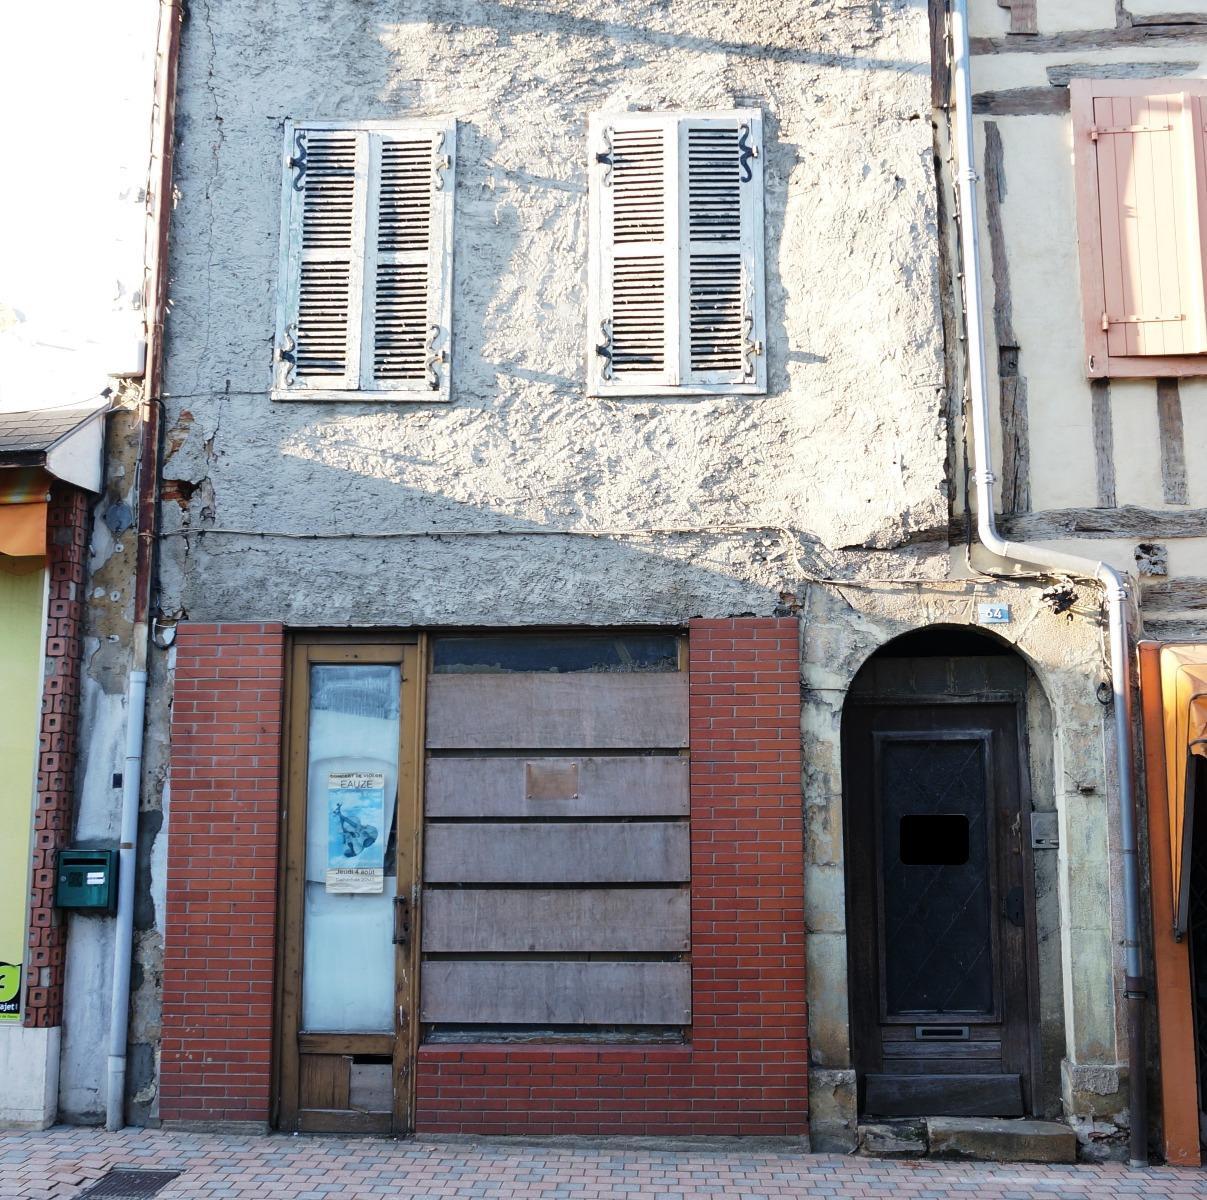 Vente maison/villa 4 pièces nogaro 32110